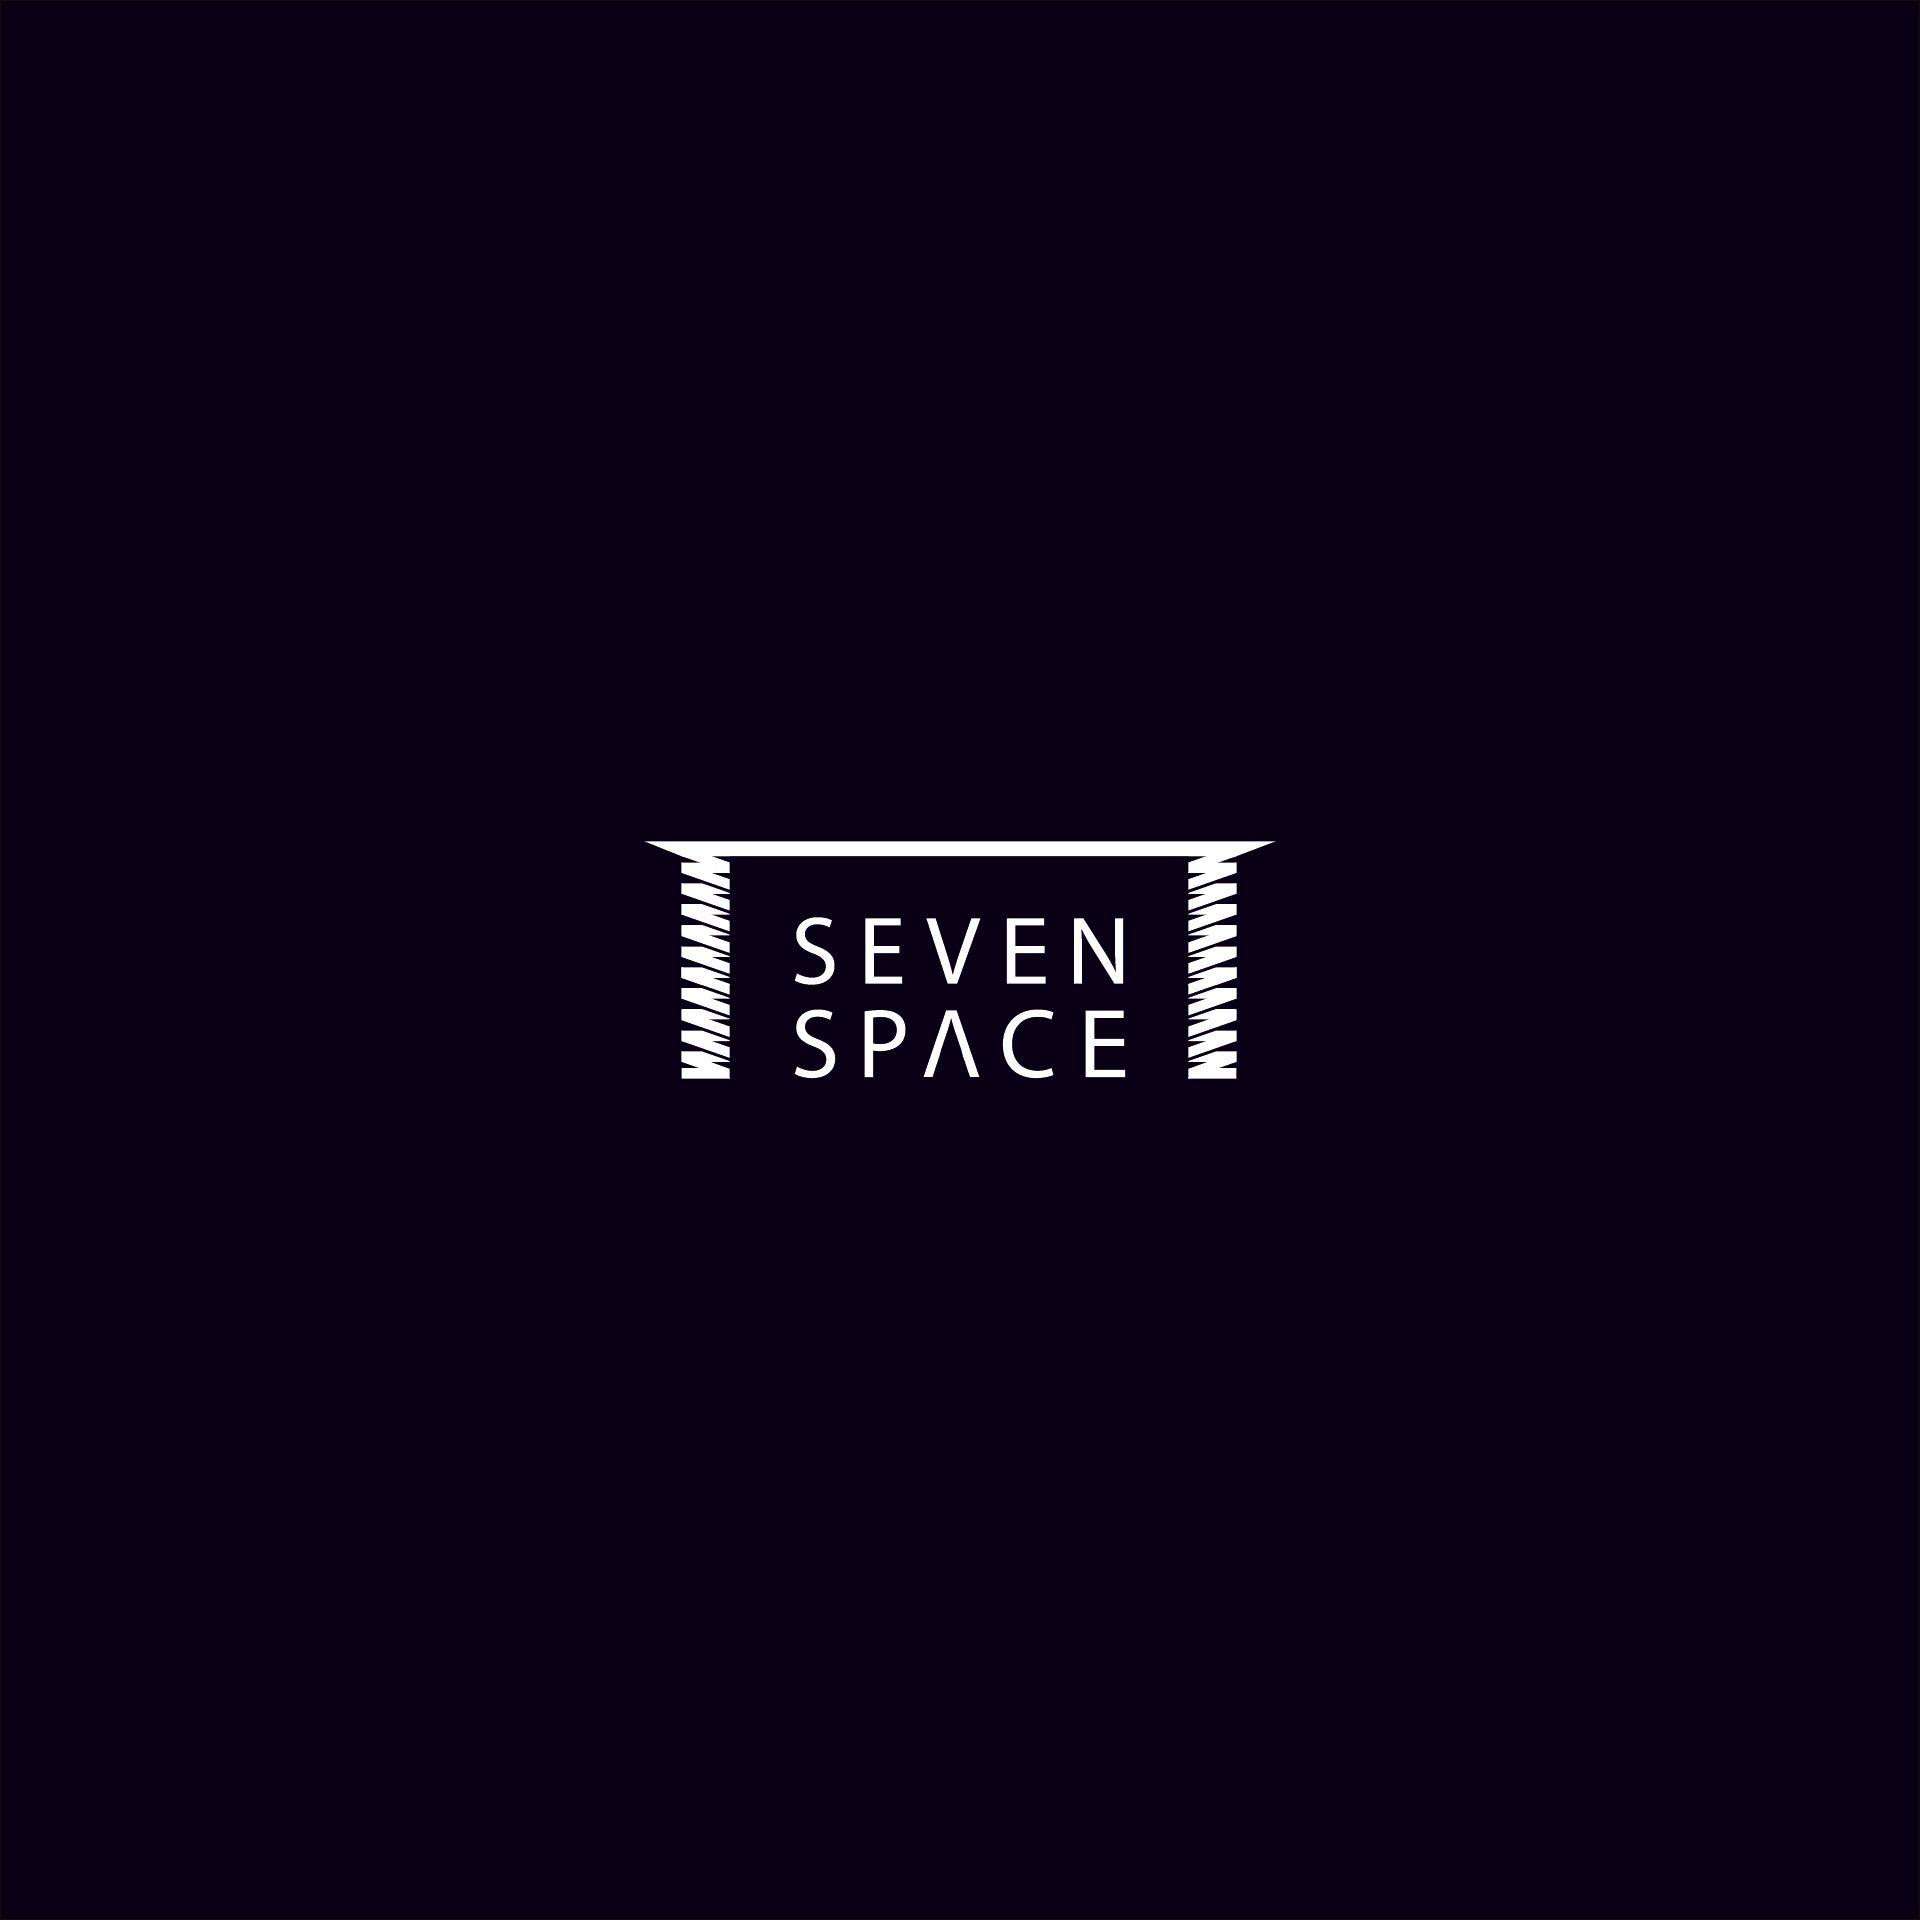 Логотип для Seven Space - дизайнер alpine-gold